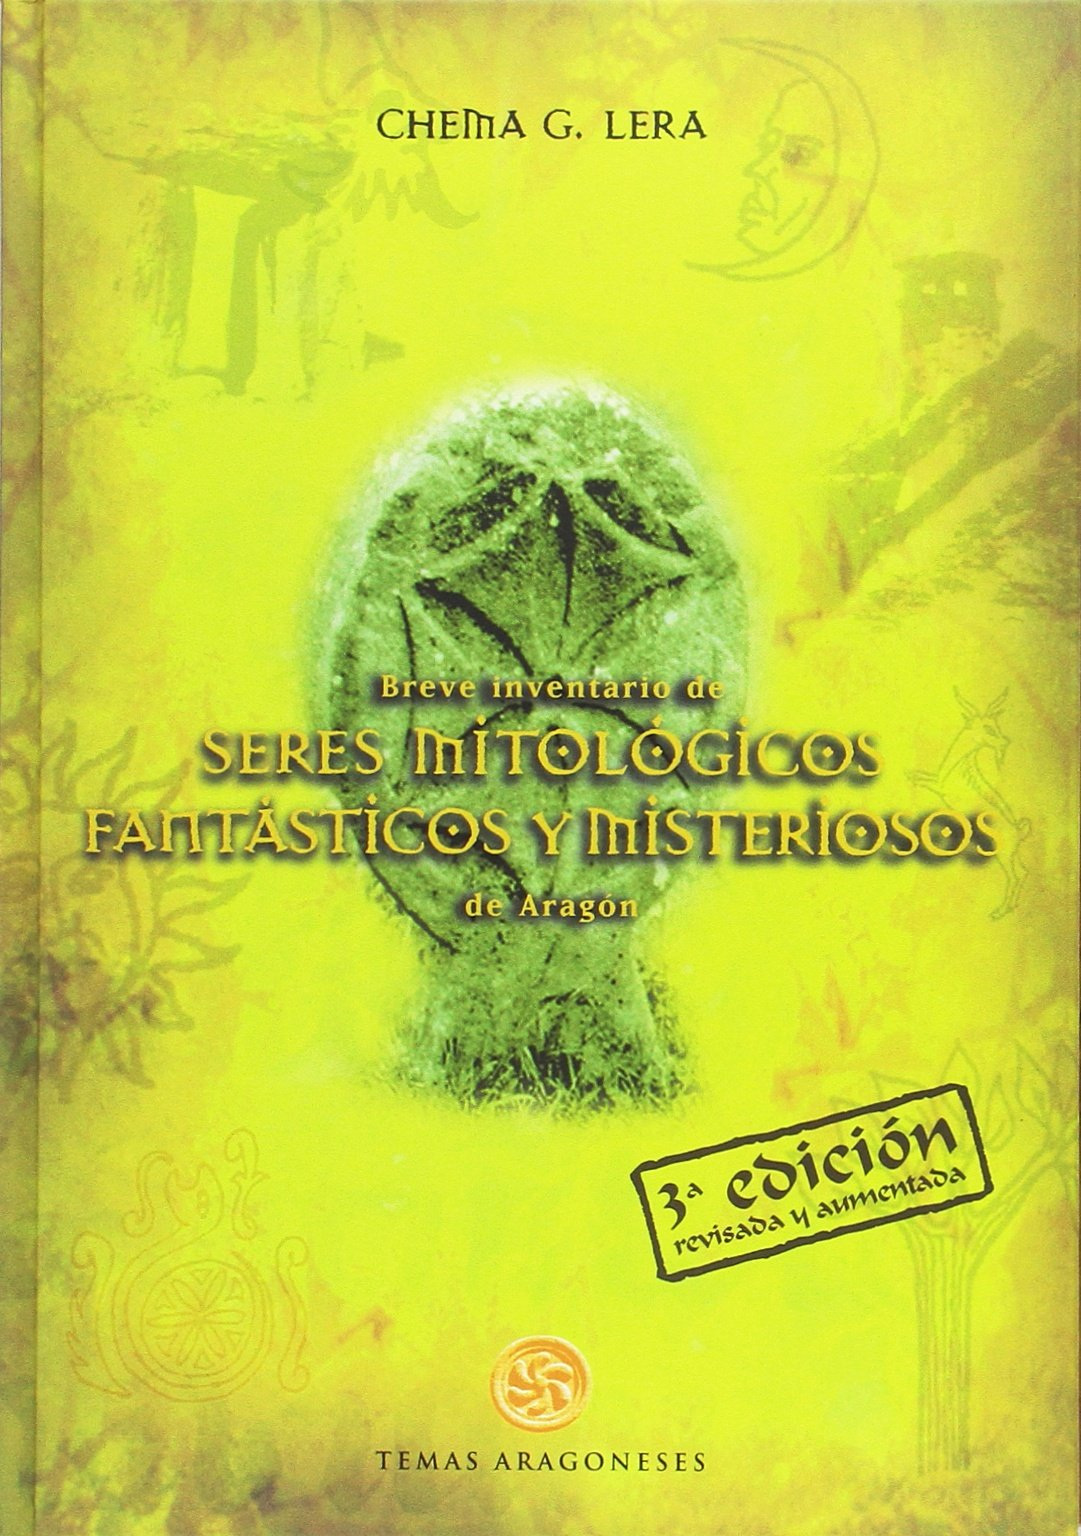 Breve inventario de seres mitológicos, fantásticos y misterio: Amazon.es: Chema Lera: Libros